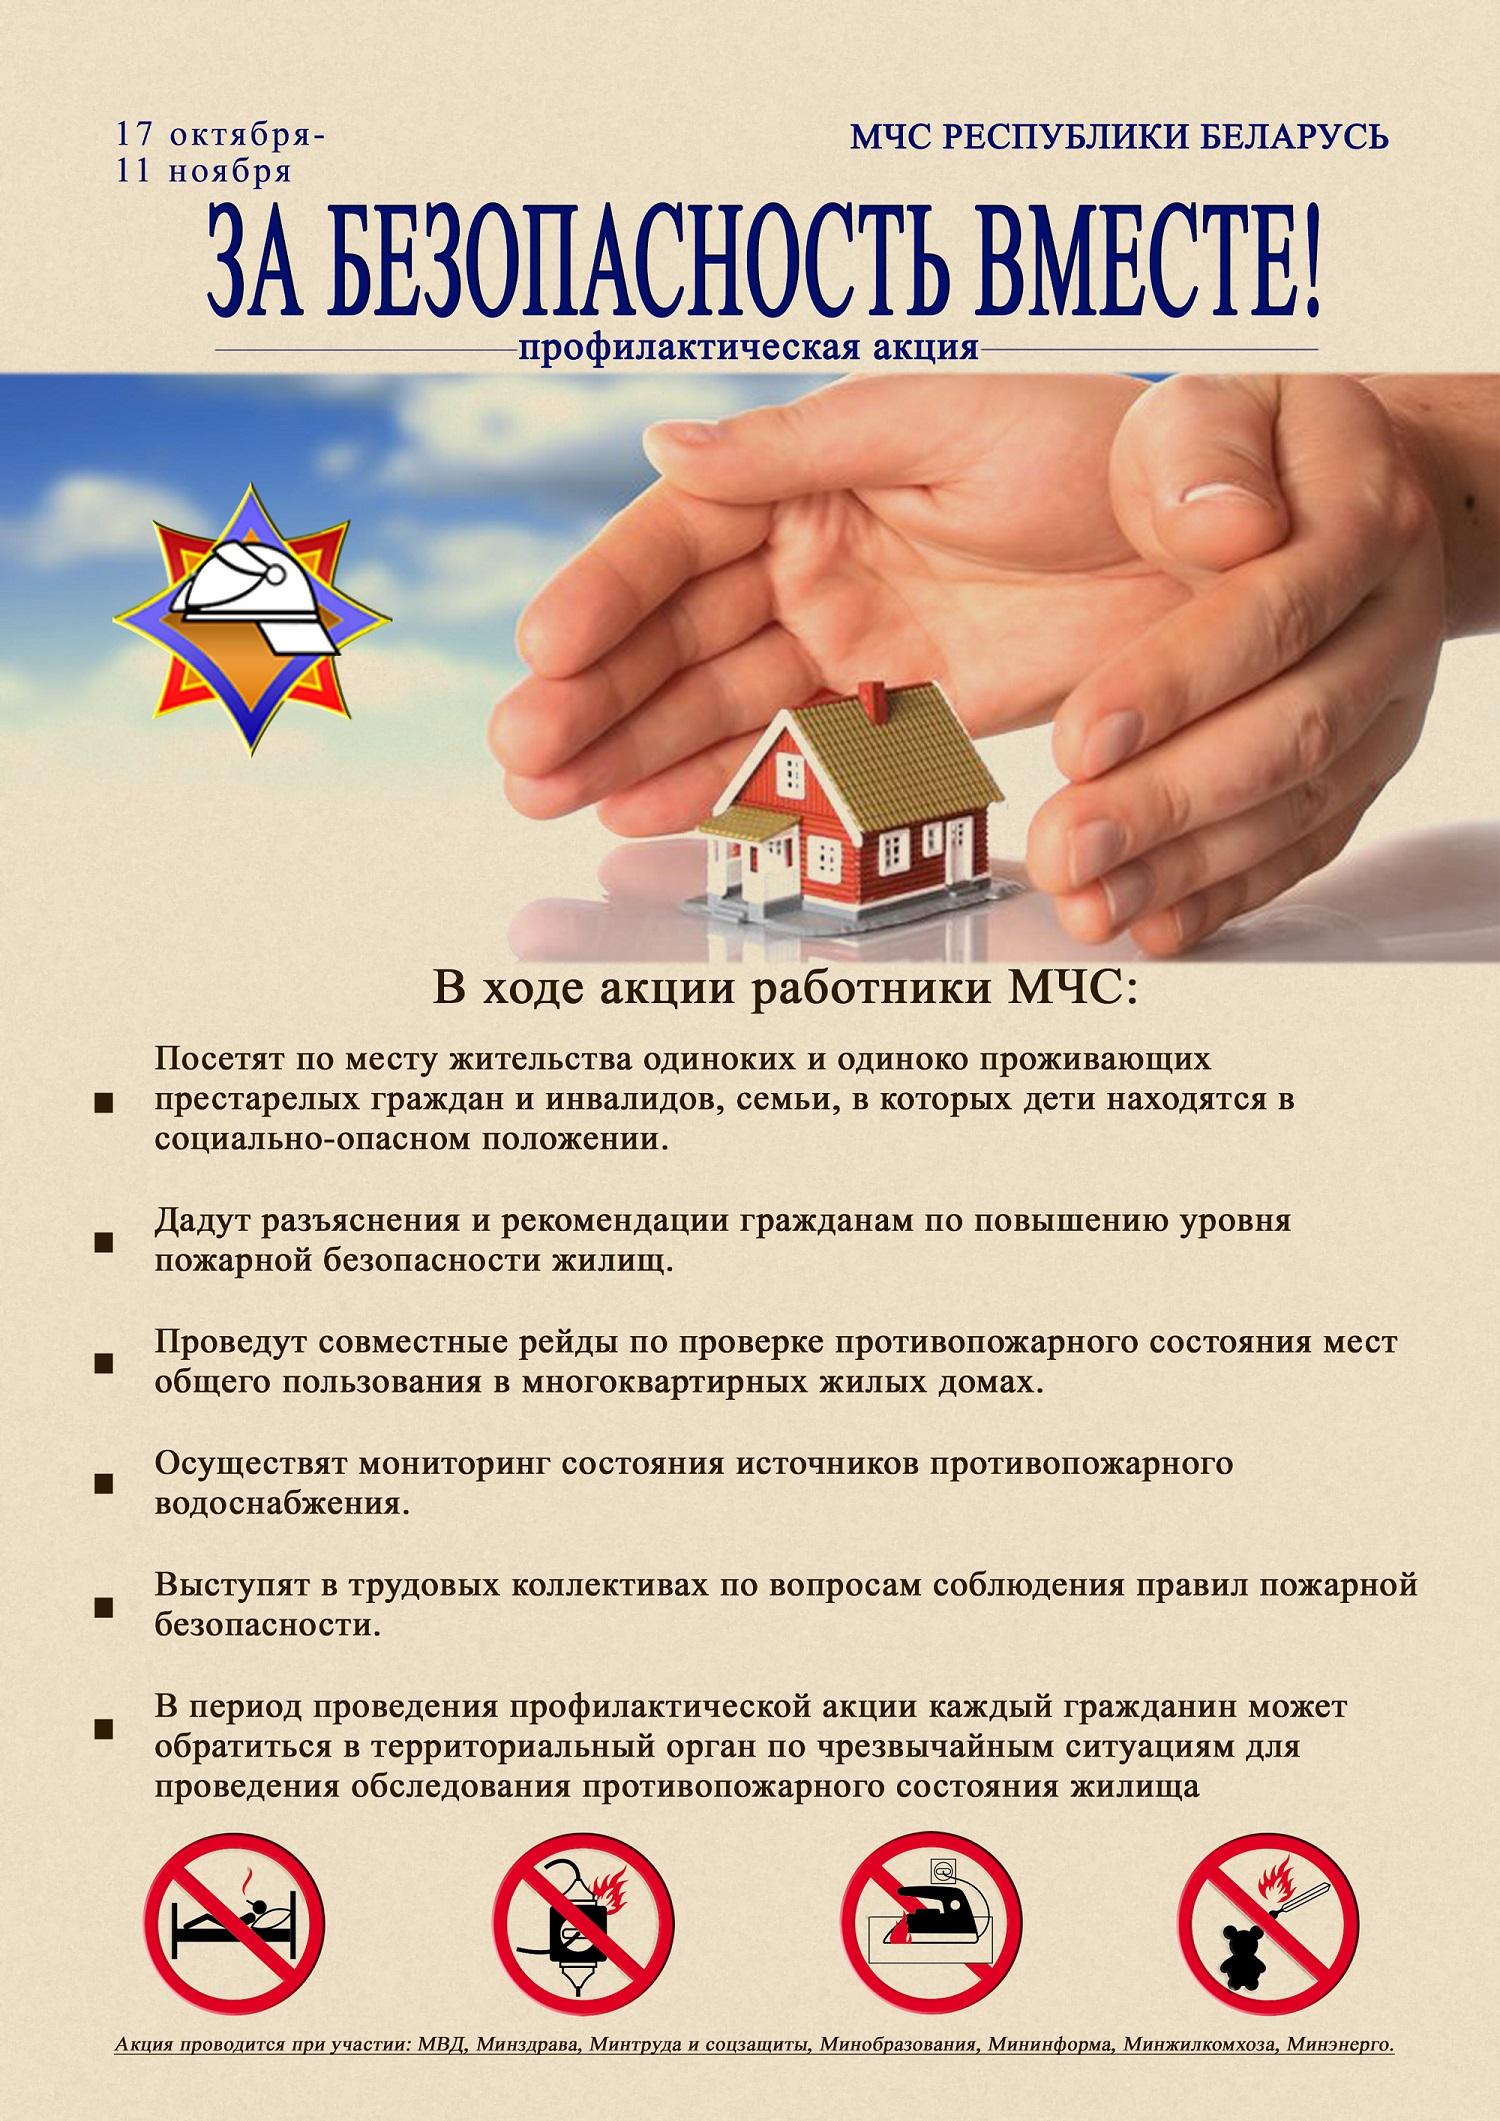 http://sovjkh.by/wp-content/uploads/2016/12/za_bezop.jpg